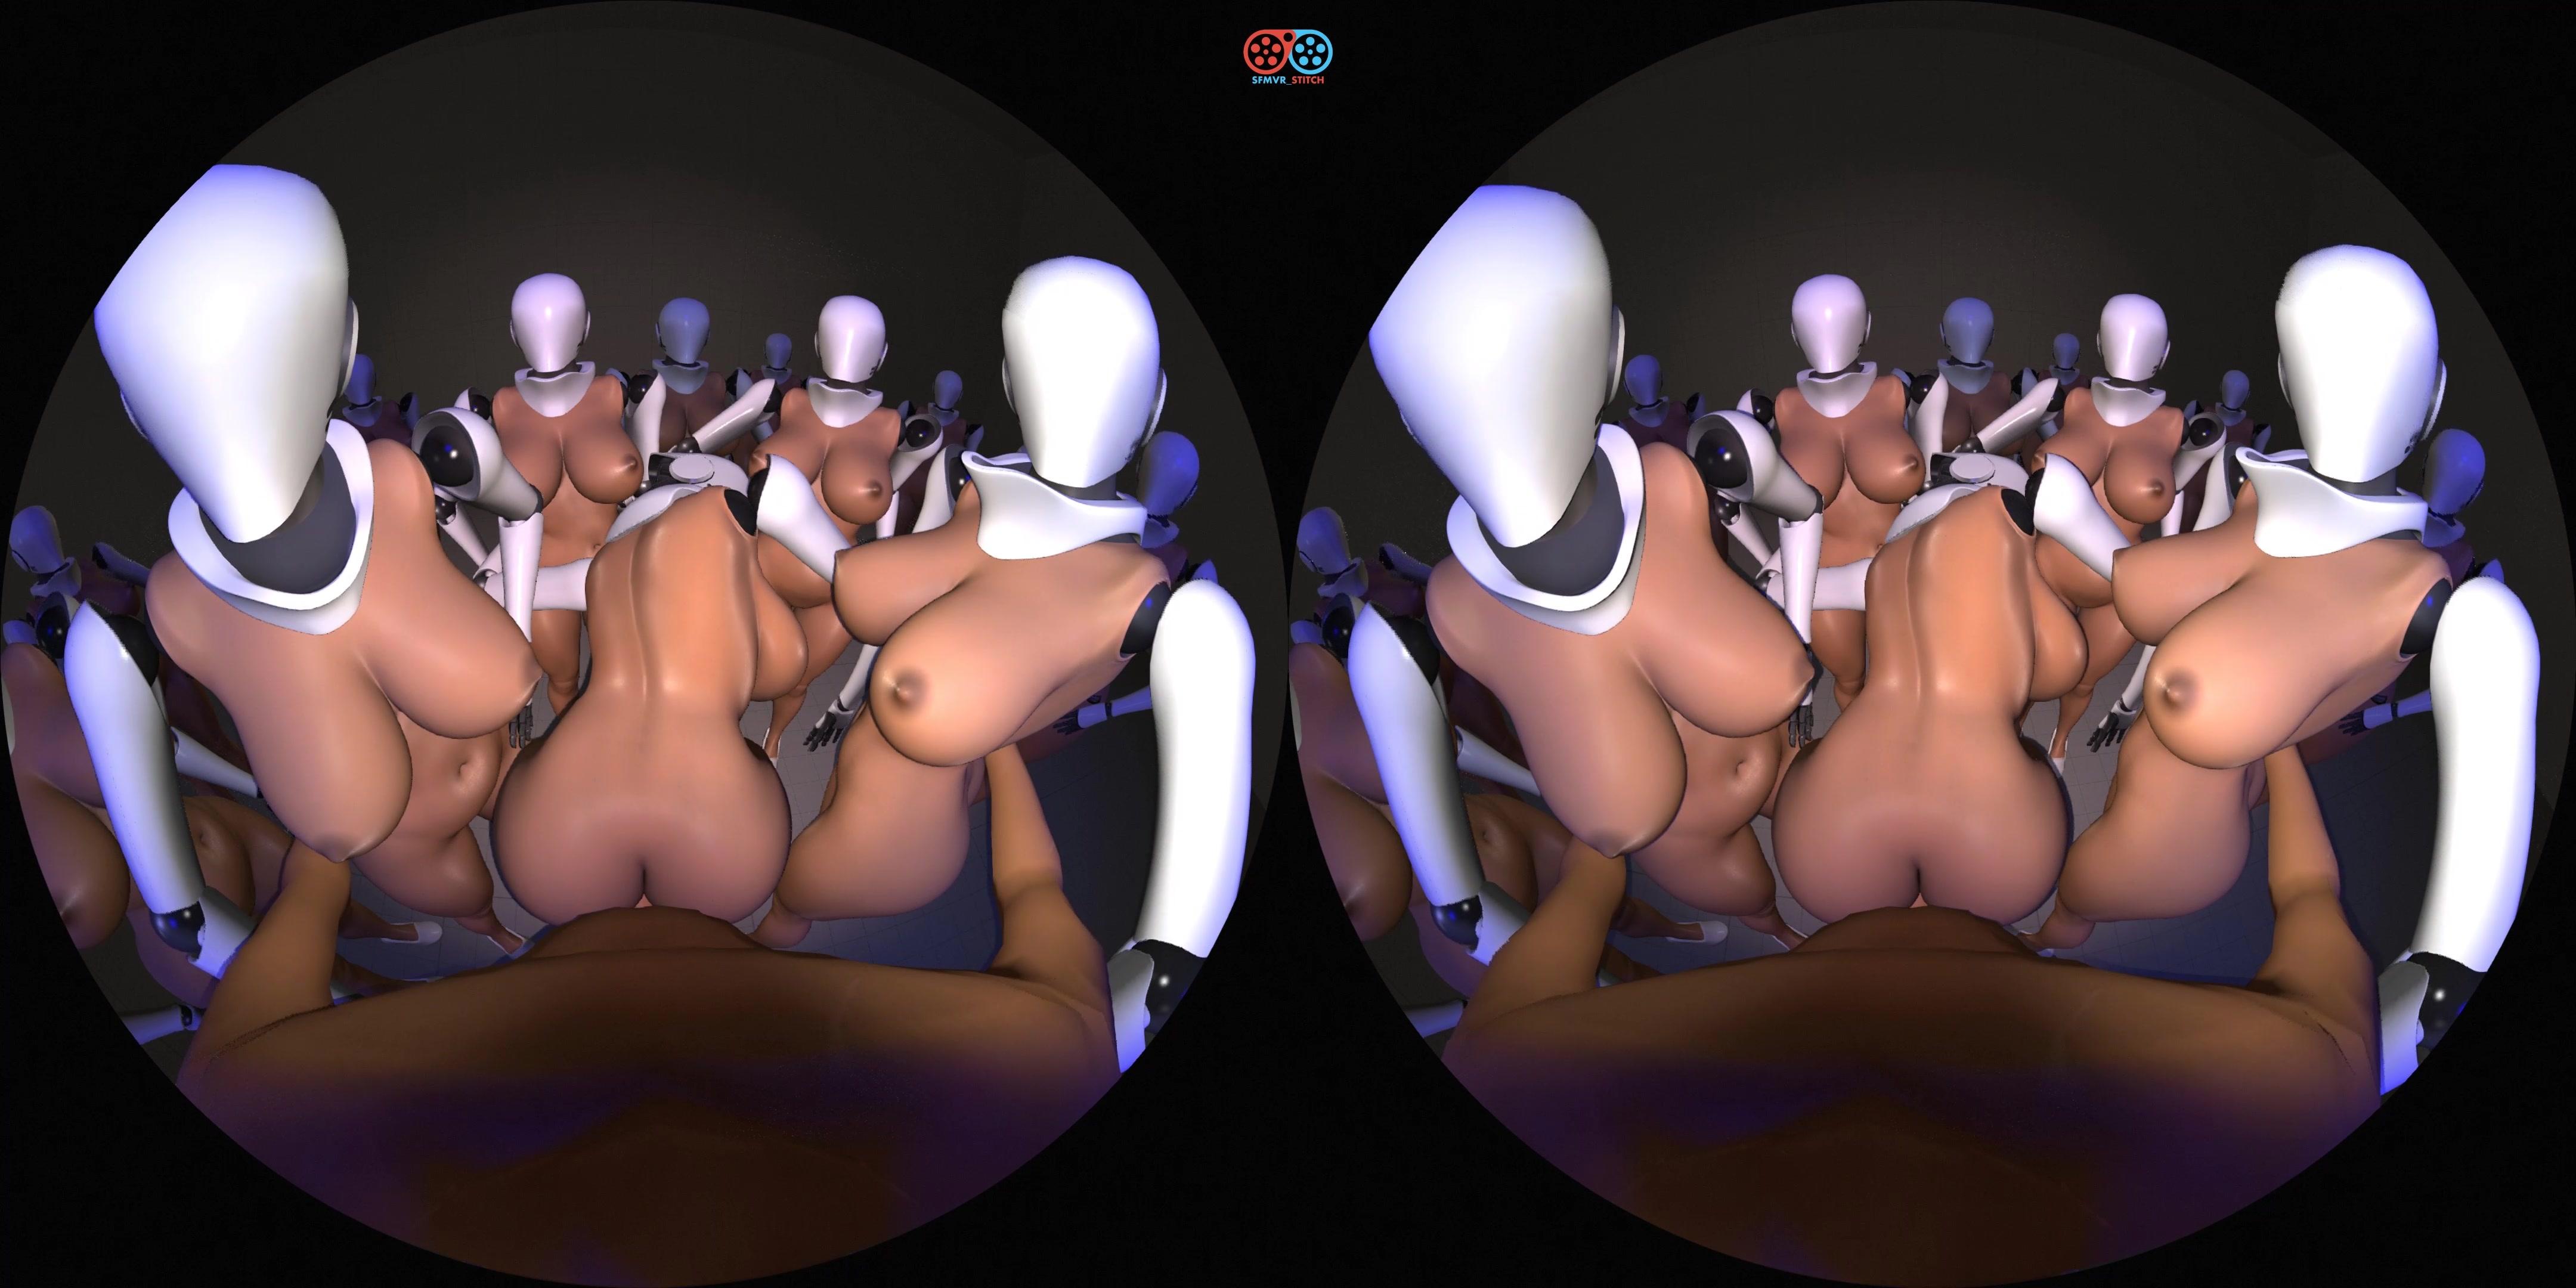 sfm porn games